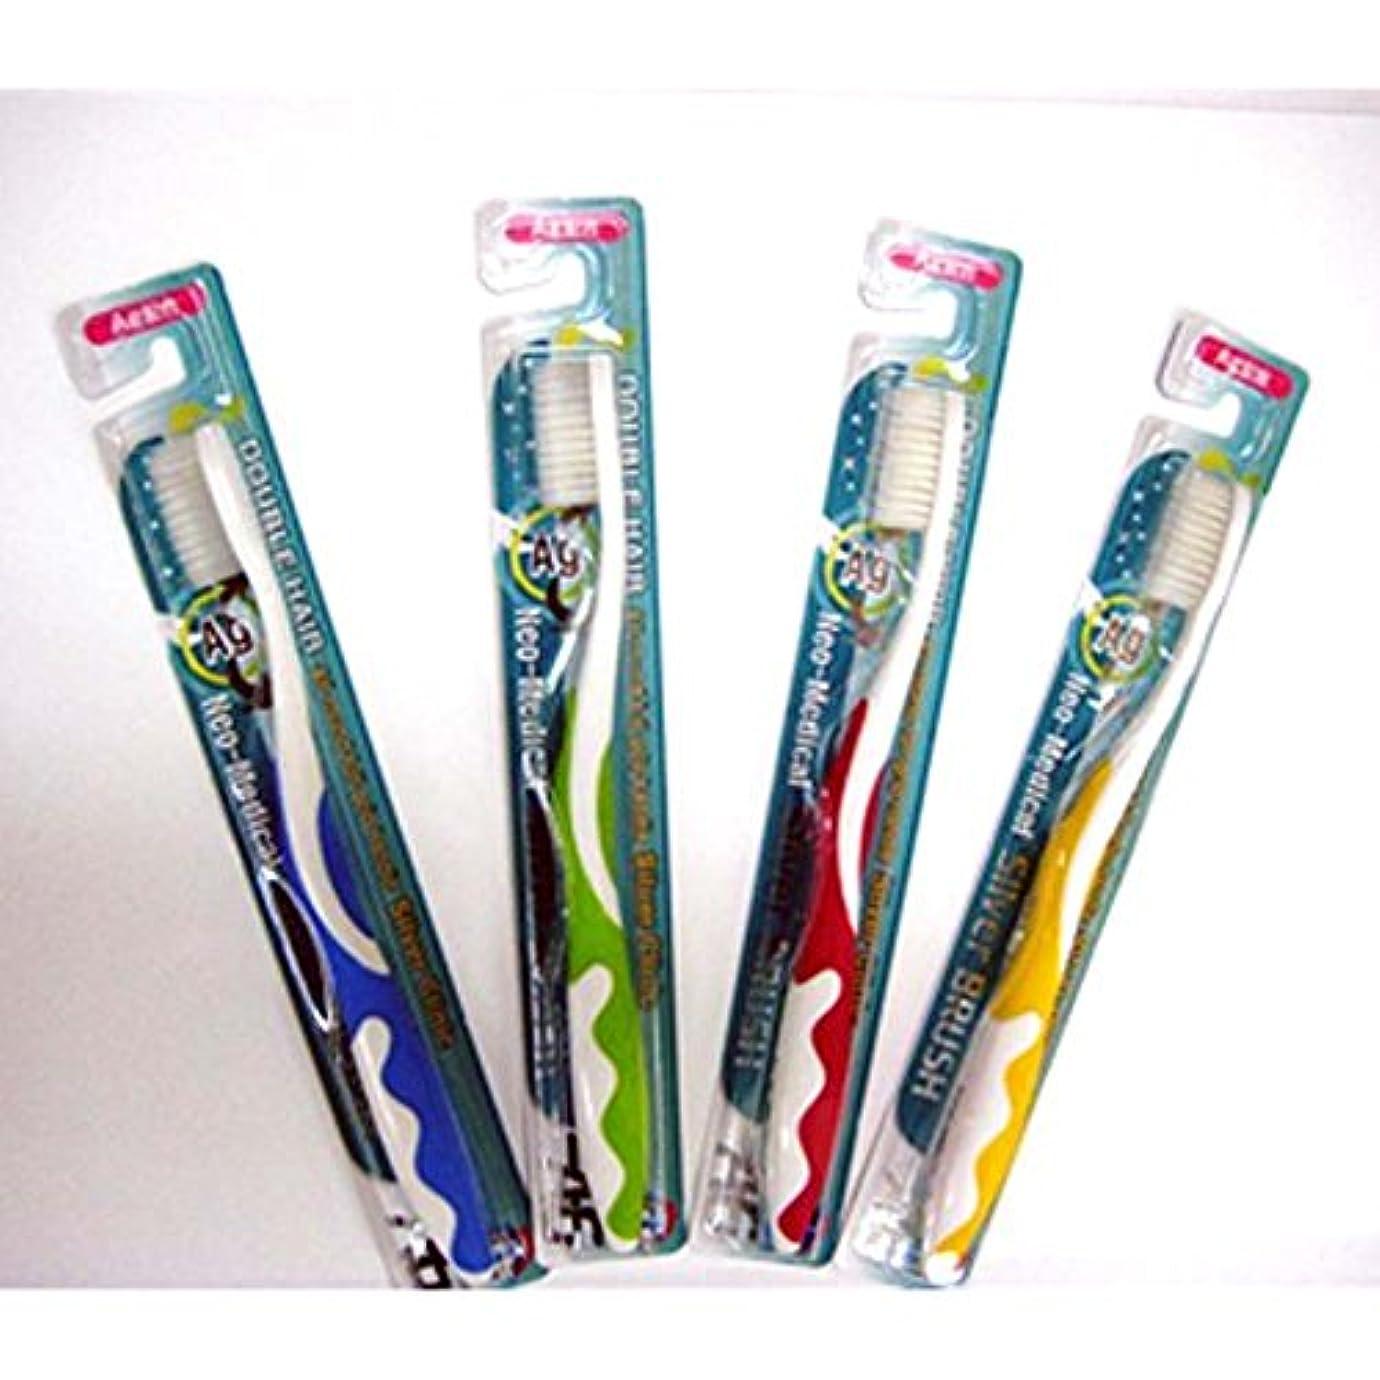 マイルストーンスクランブルマーティンルーサーキングジュニアネオG1 シルバー(Ag) 歯ブラシ